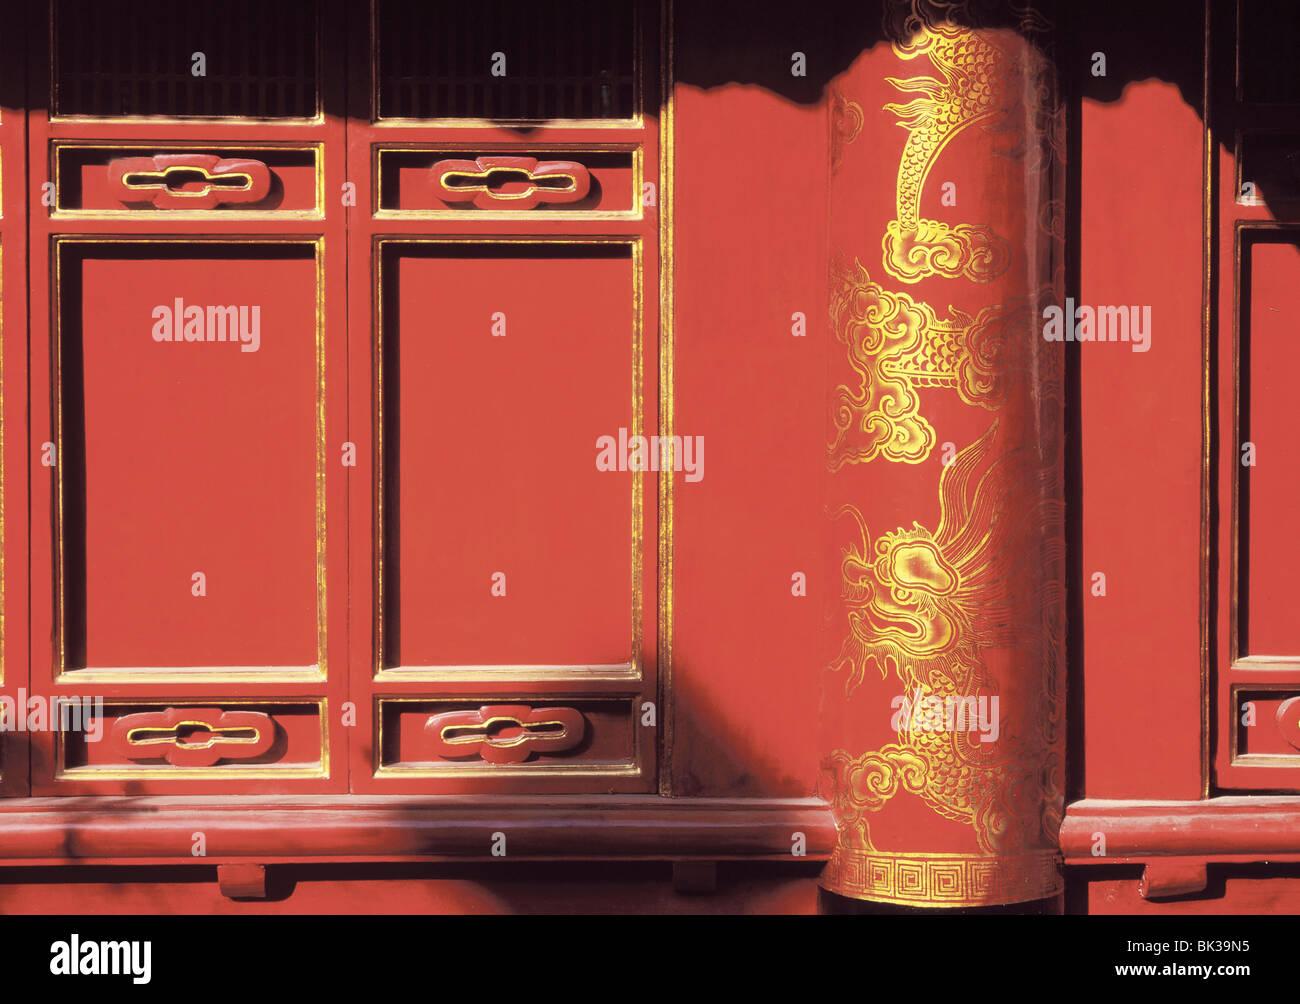 Porte laccate, Tempio della Letteratura, Hanoi, Vietnam, Indocina, Asia sud-orientale, Asia Immagini Stock